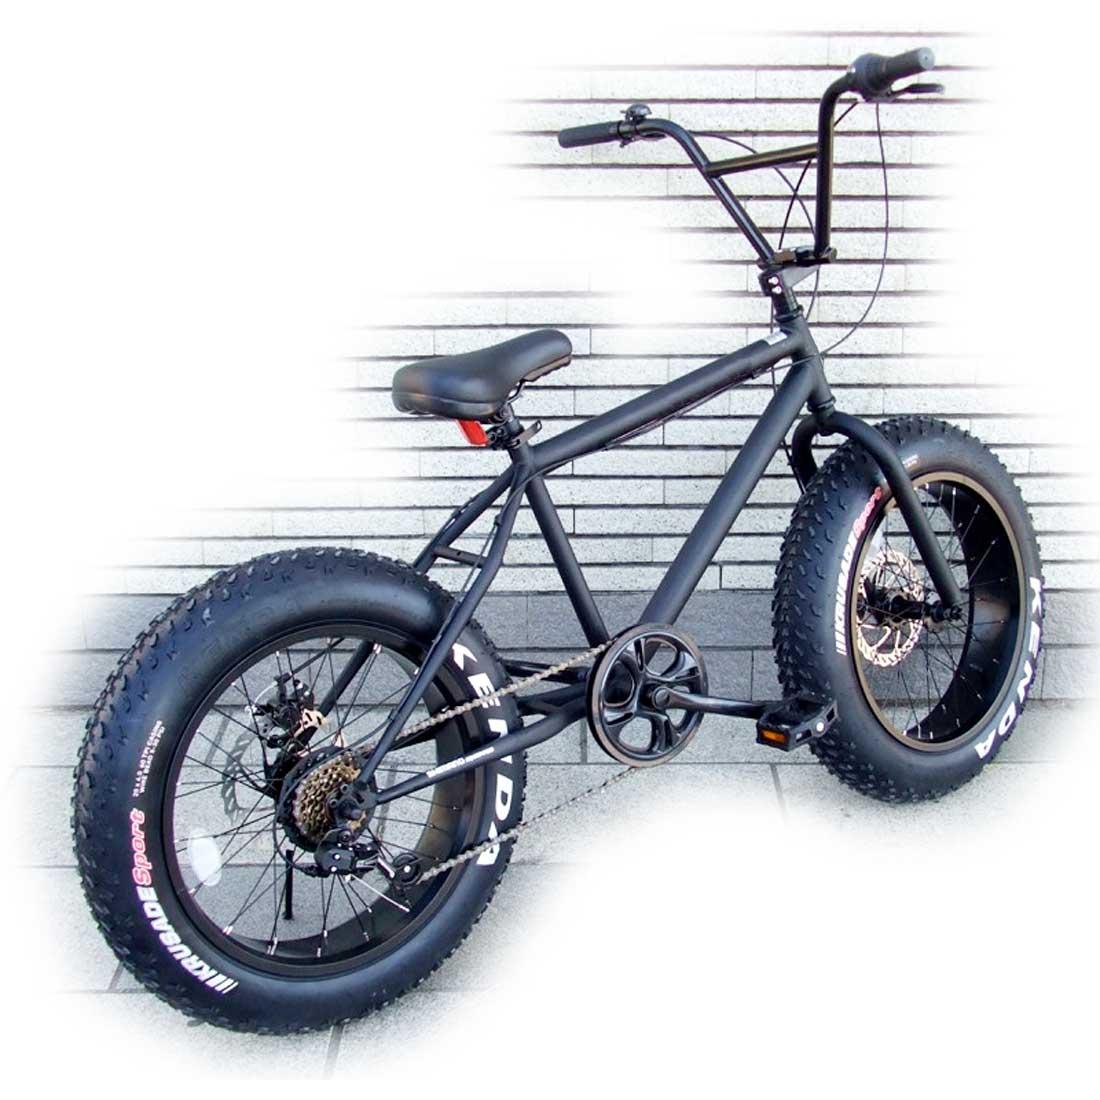 ファットバイク 20インチ 極太タイヤ 変速付 おしゃれ 自転車 通勤 通学 店長 おすすめ ラナイマカイ 20インチ ファットバイク マットブラック×ブラックリム メンズ レディース